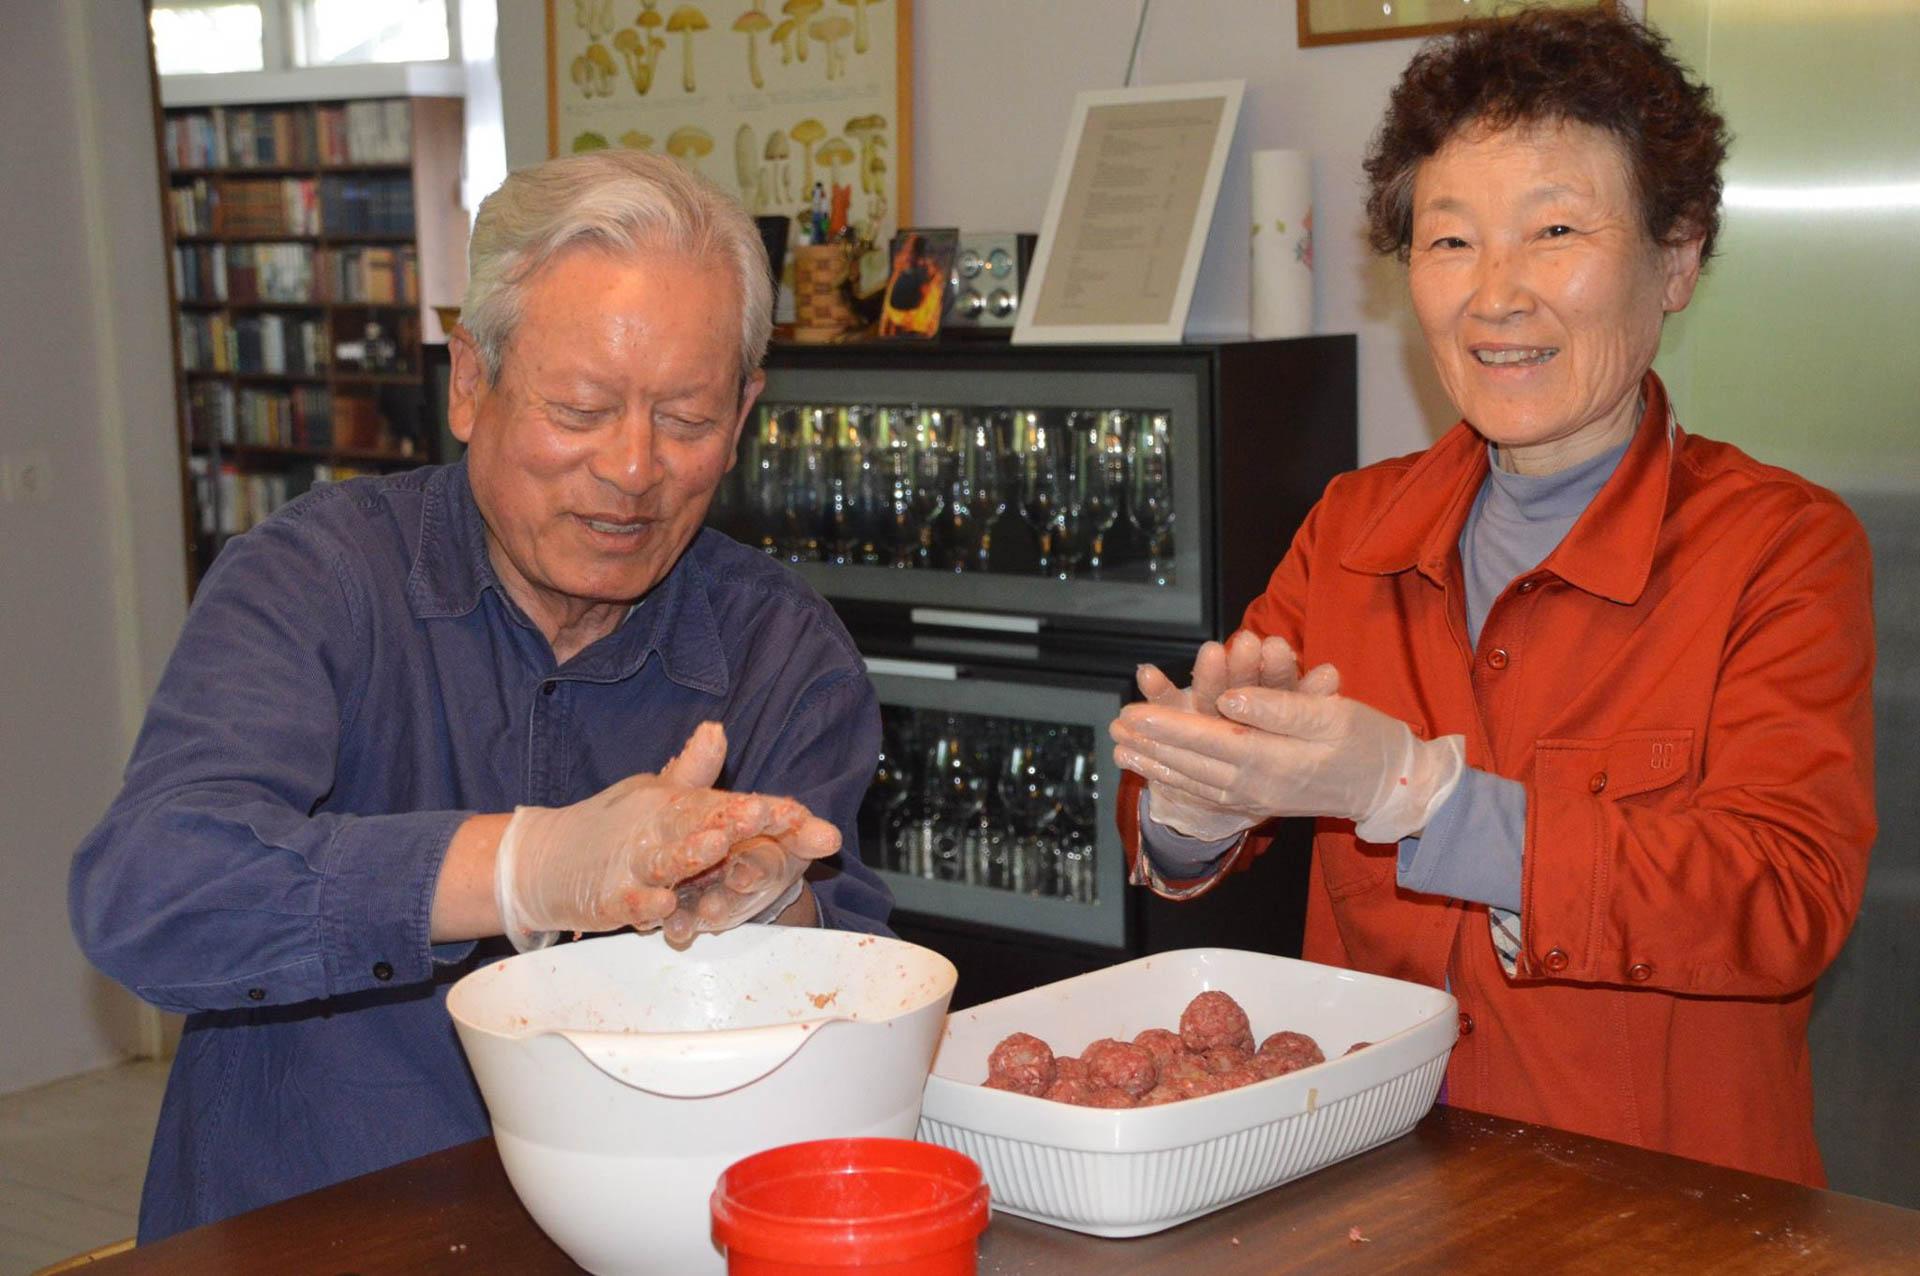 Aitoja paikallielämyksiä voi kokea myös keittiössä